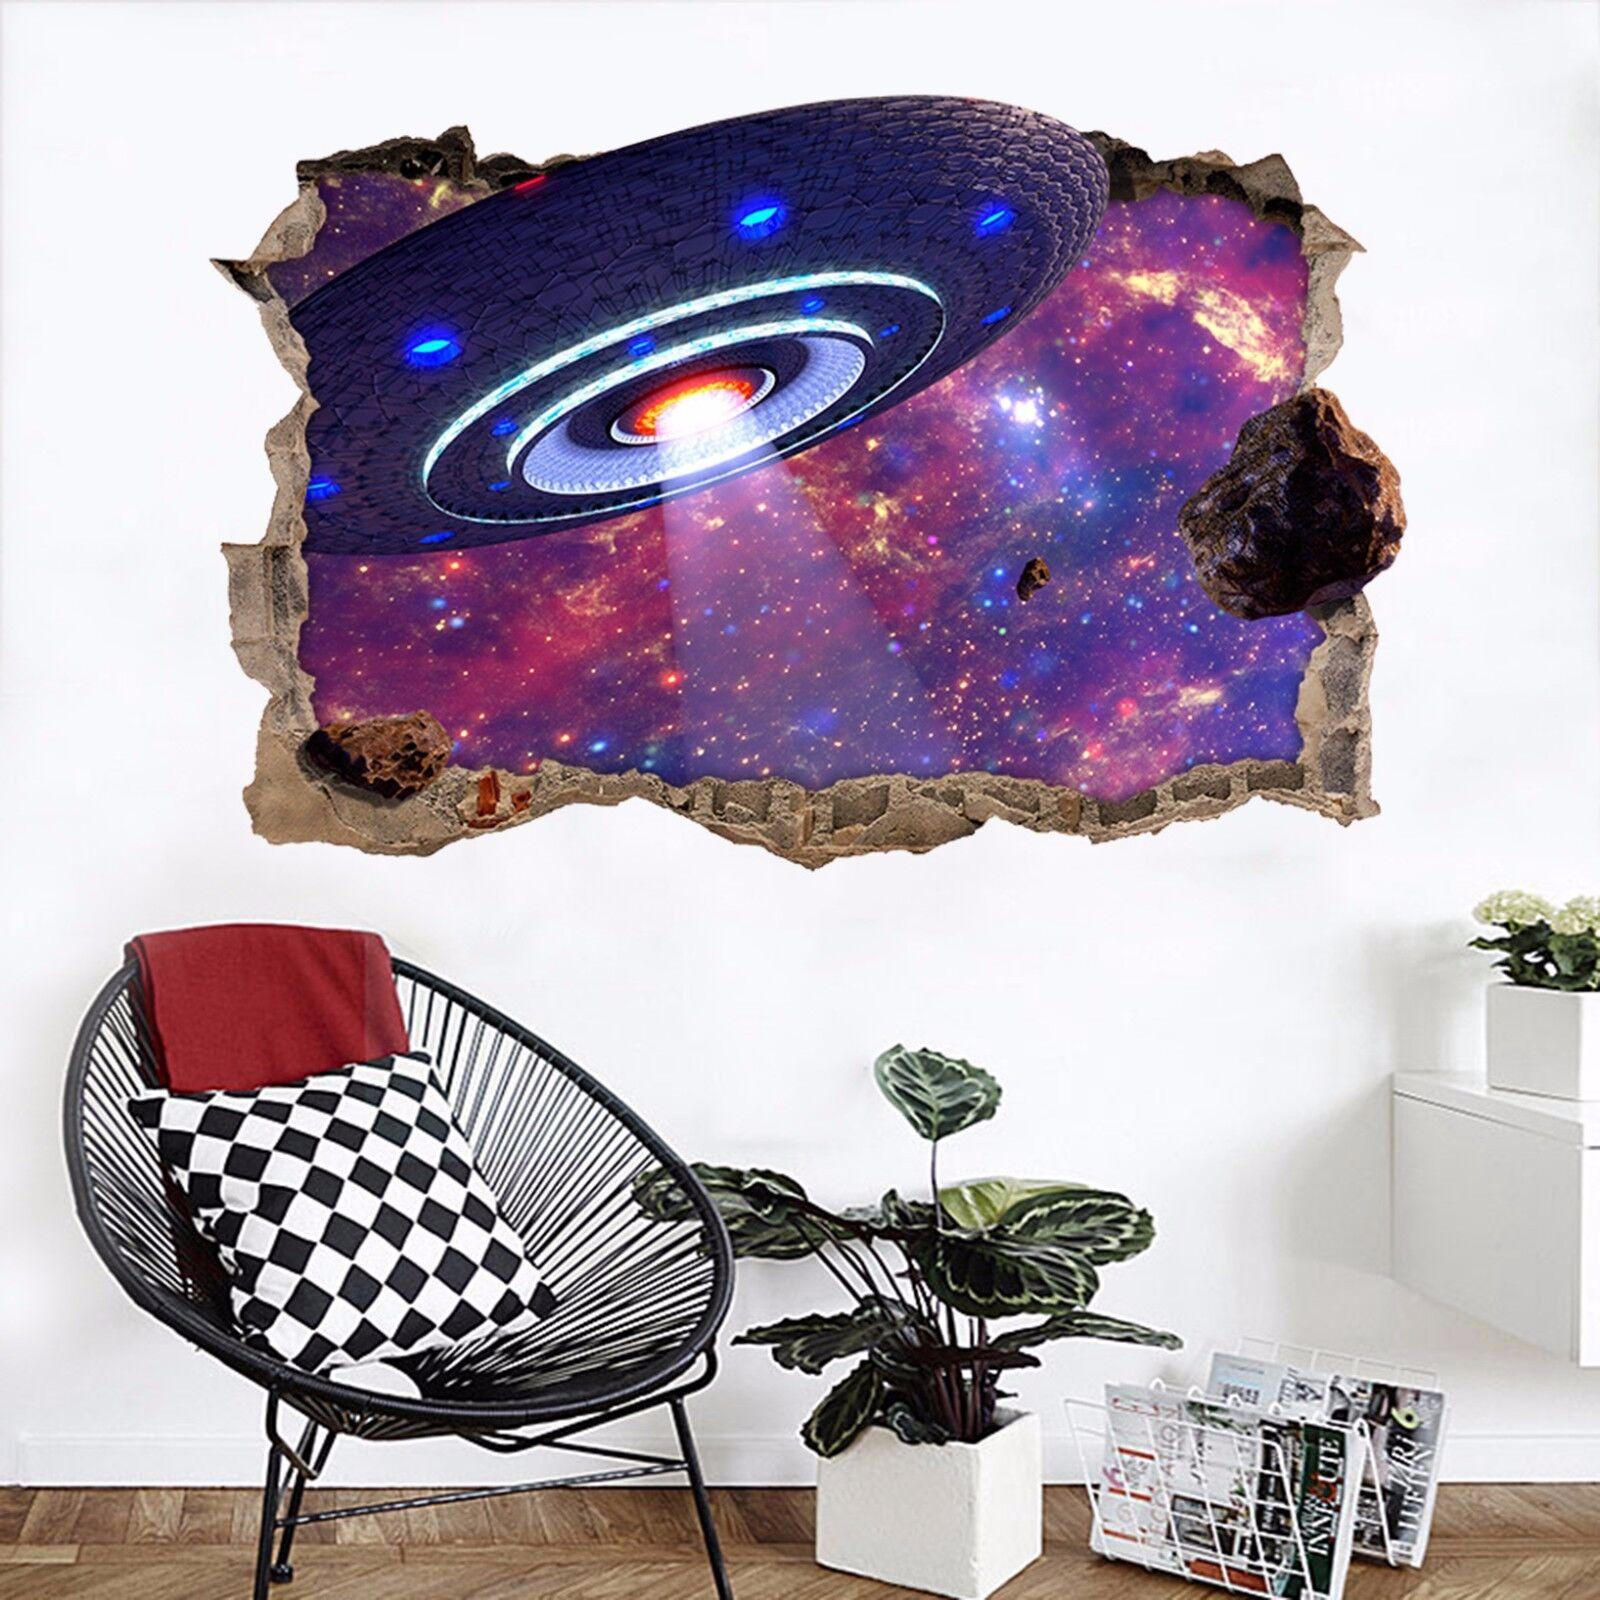 3D Raumfahrzeug 733 Mauer Murals Mauer Aufklebe Decal Durchbruch AJ WALLPAPER DE